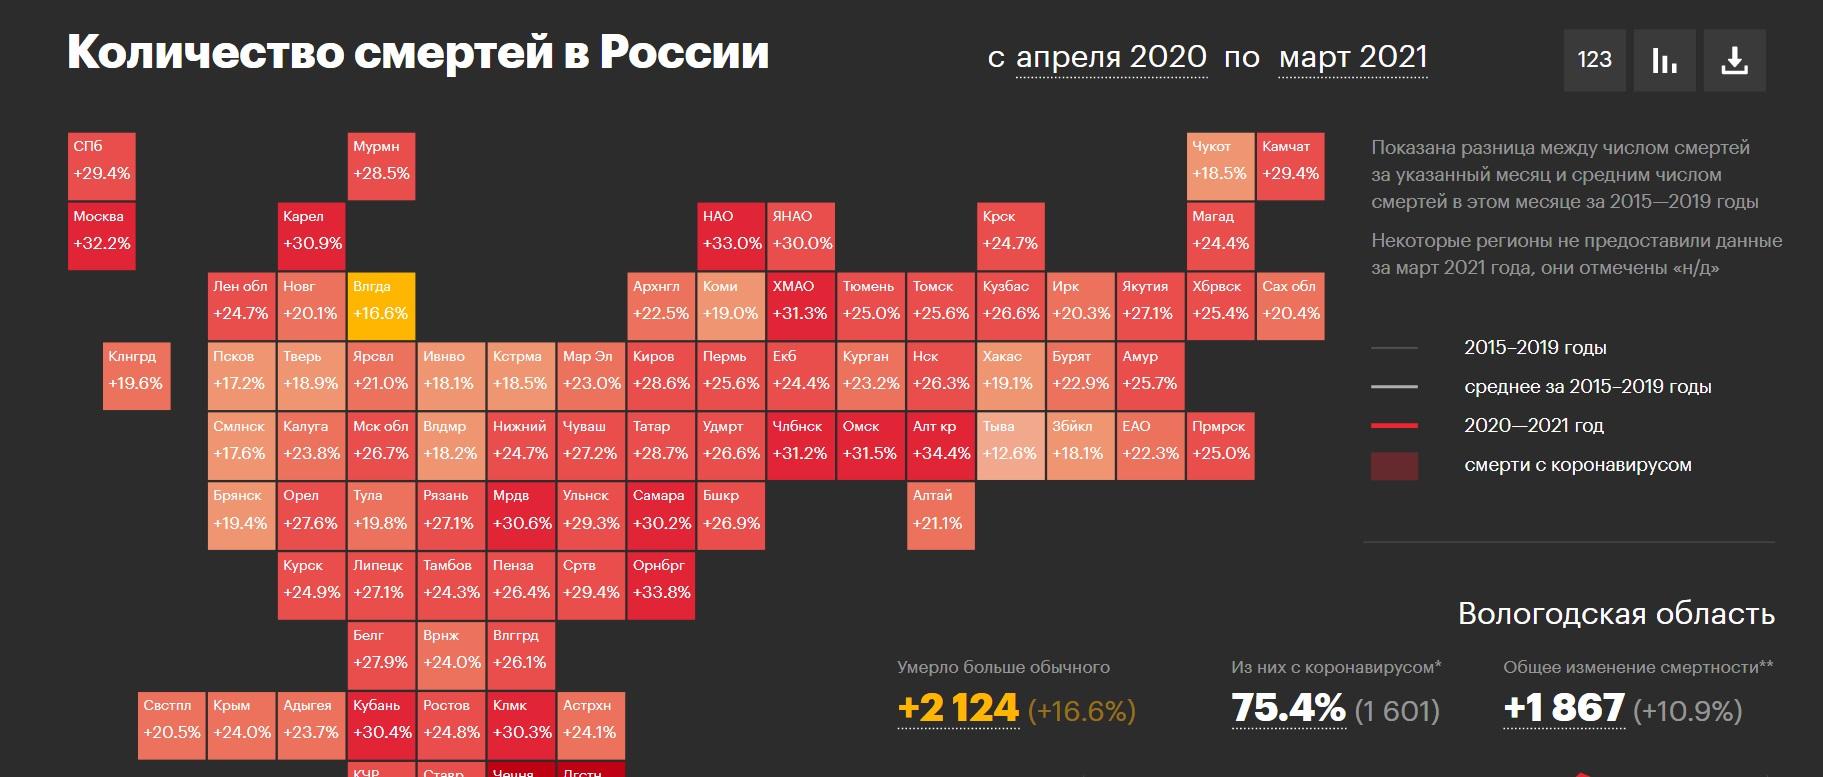 Опубликованы данные об избыточной смертности в Вологодской области с начала пандемии